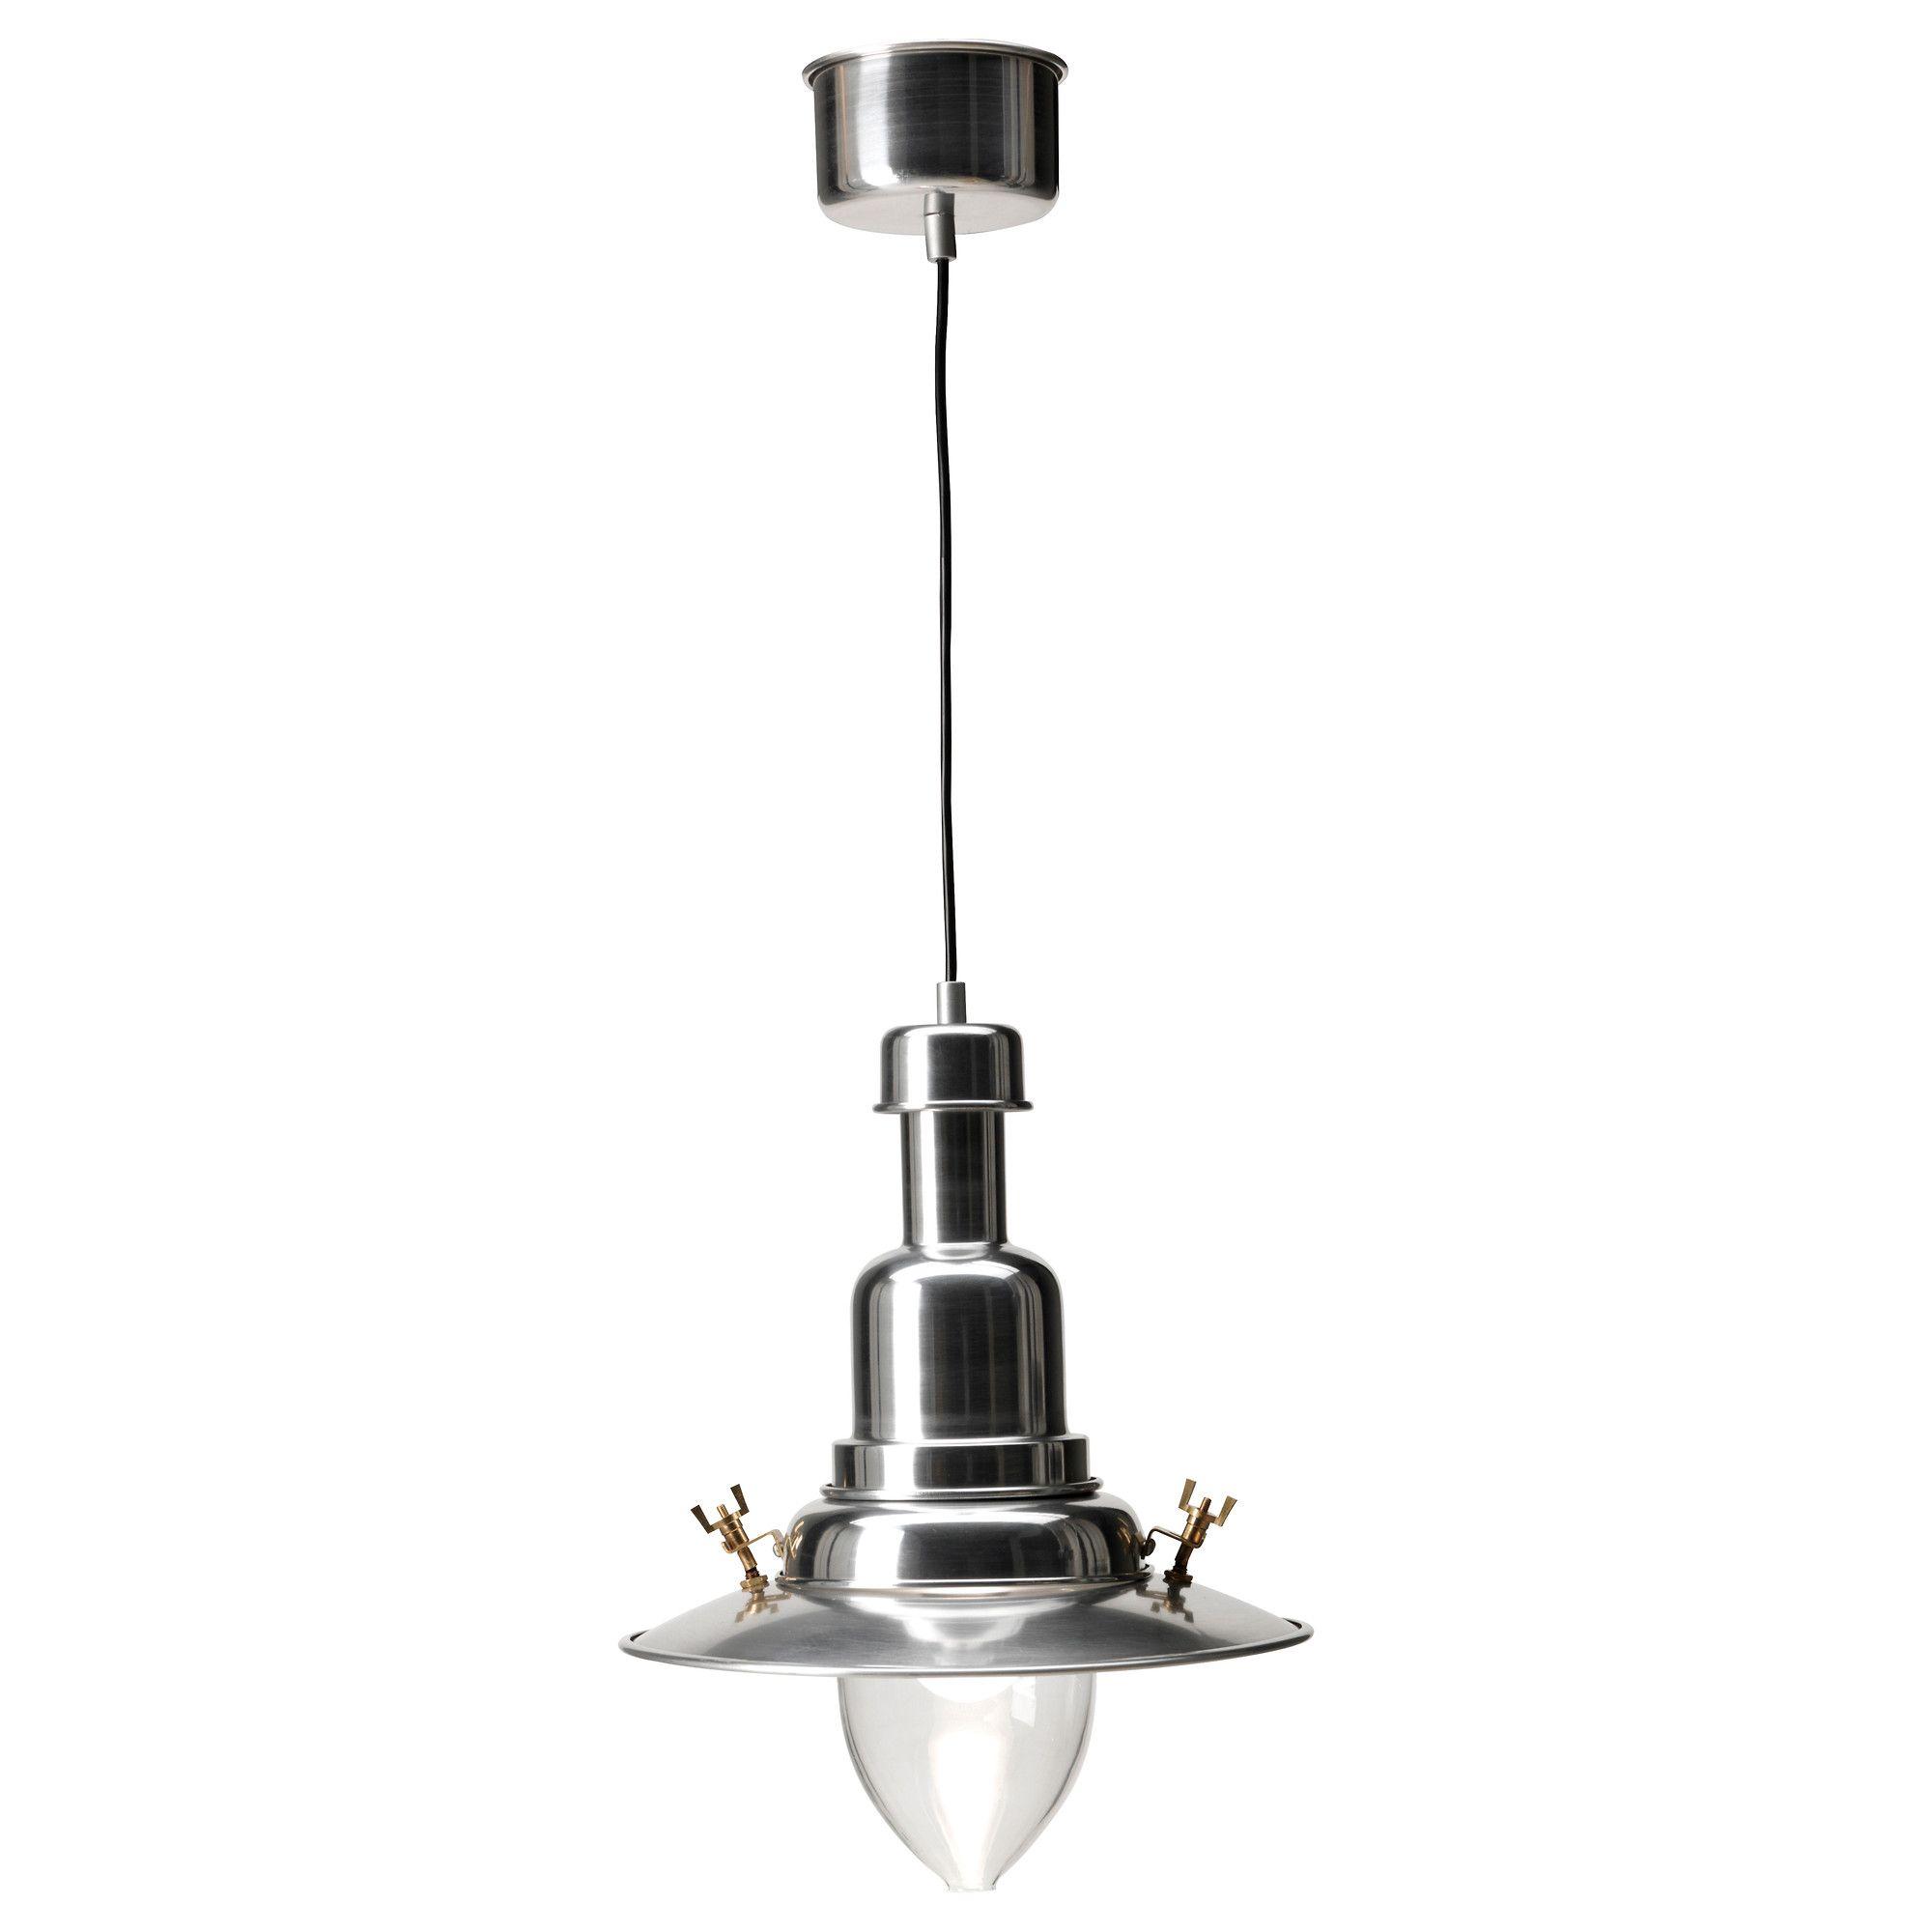 Ikea Candeeiros ~ IKEA OTTAVA, Candeeiro suspenso, , , Abajur em vidro soprado; cada abajuréúnico Iluminaç u00e3o